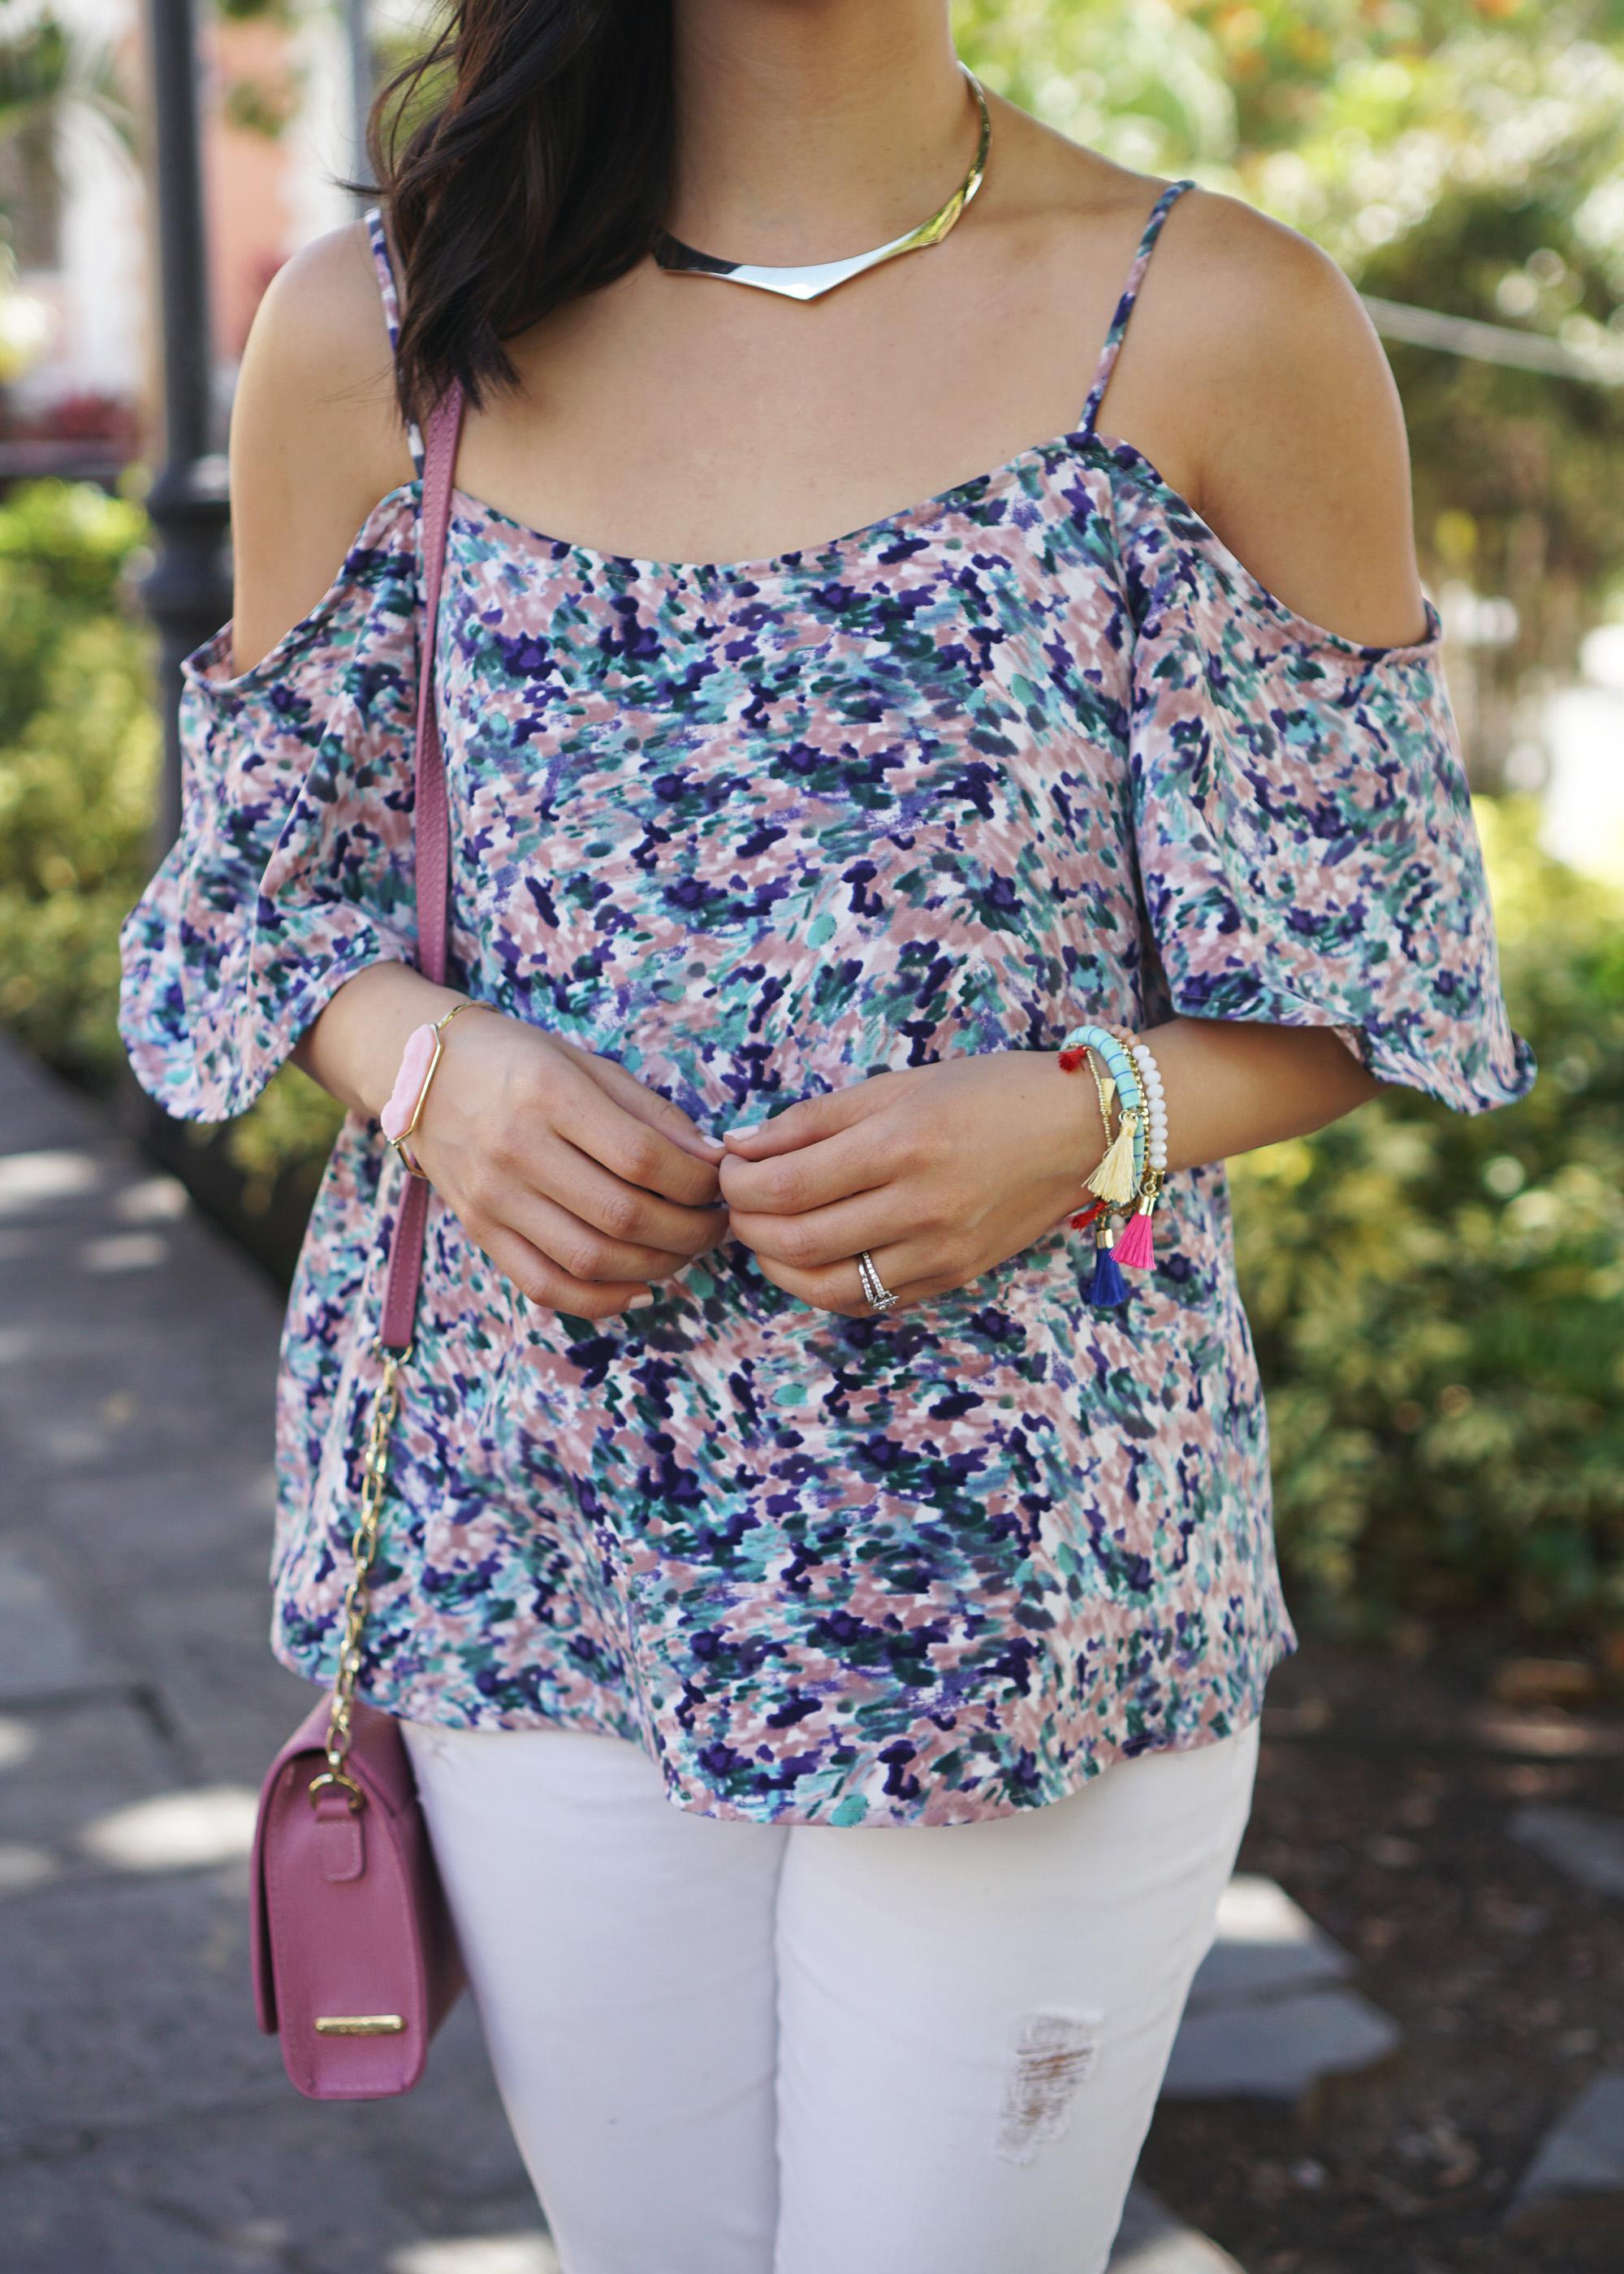 Spring Trend / Floral Cold Shoulder Top & Tassel Bracelets